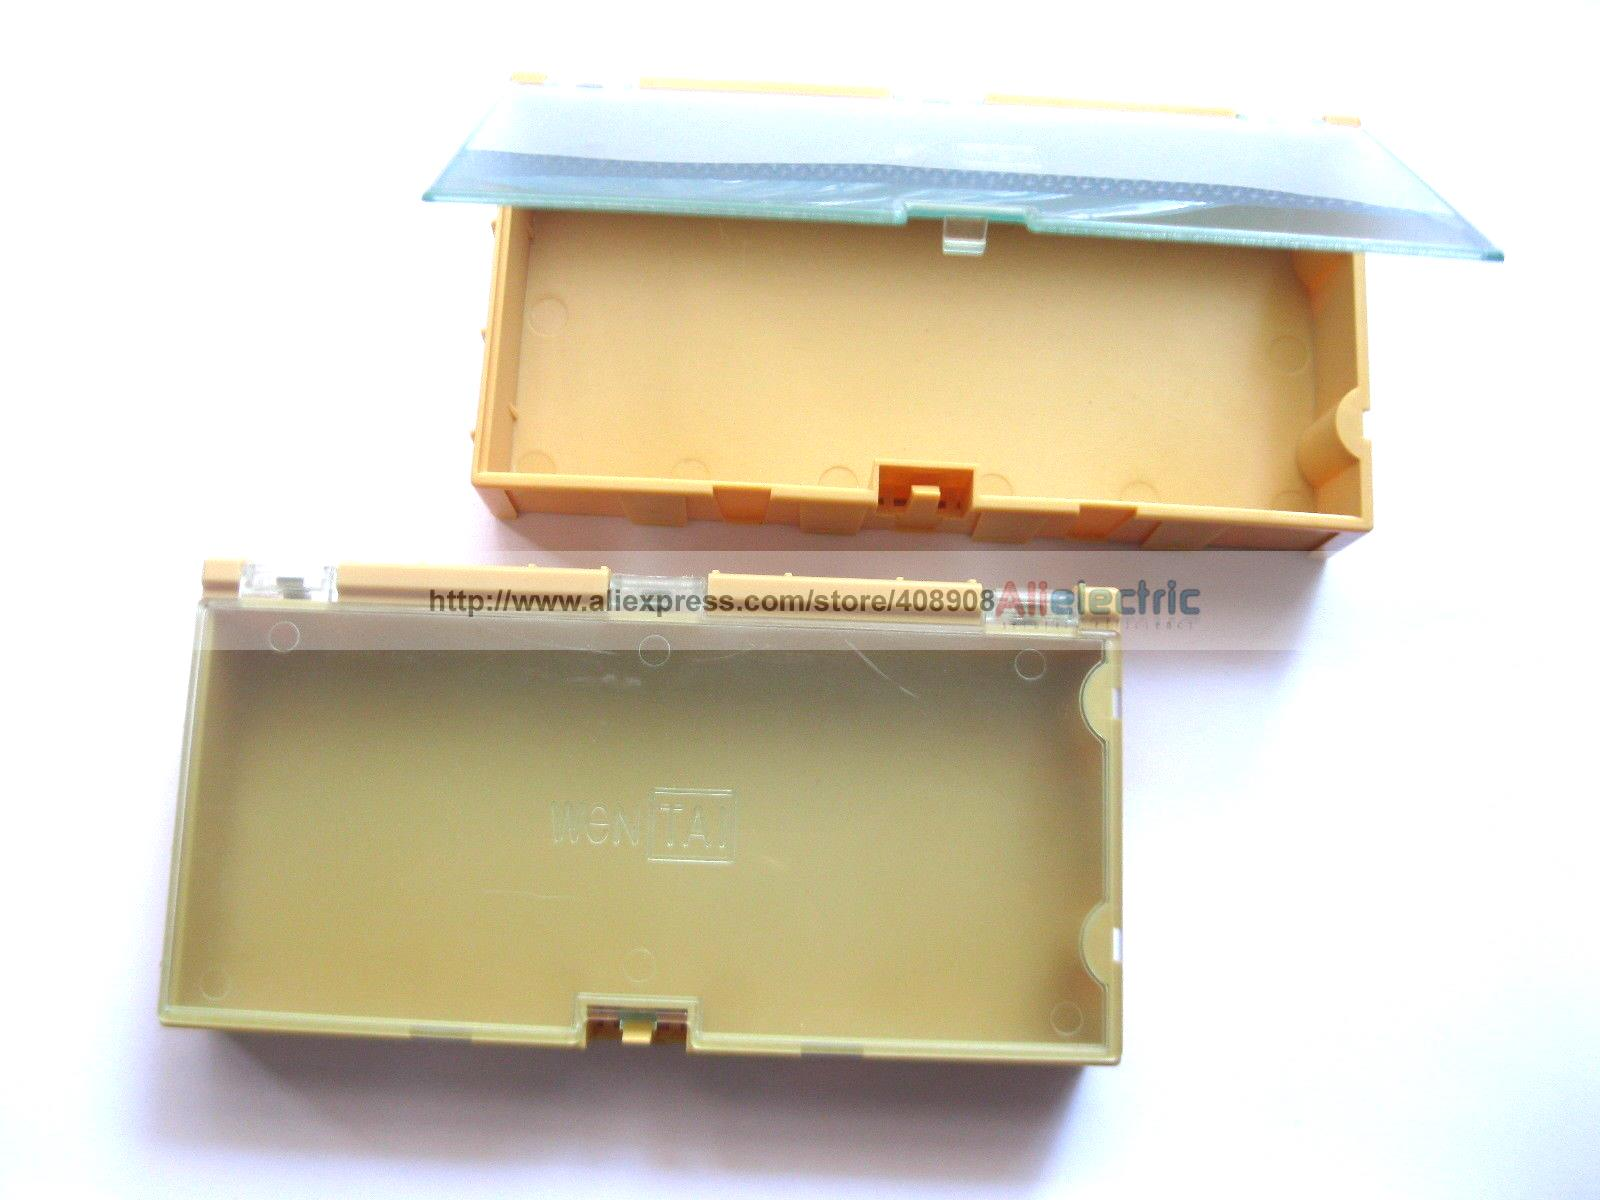 20 Шт. Желтый Ящик Для Хранения SMD SMT Электронных Компонентов, Использование Новый